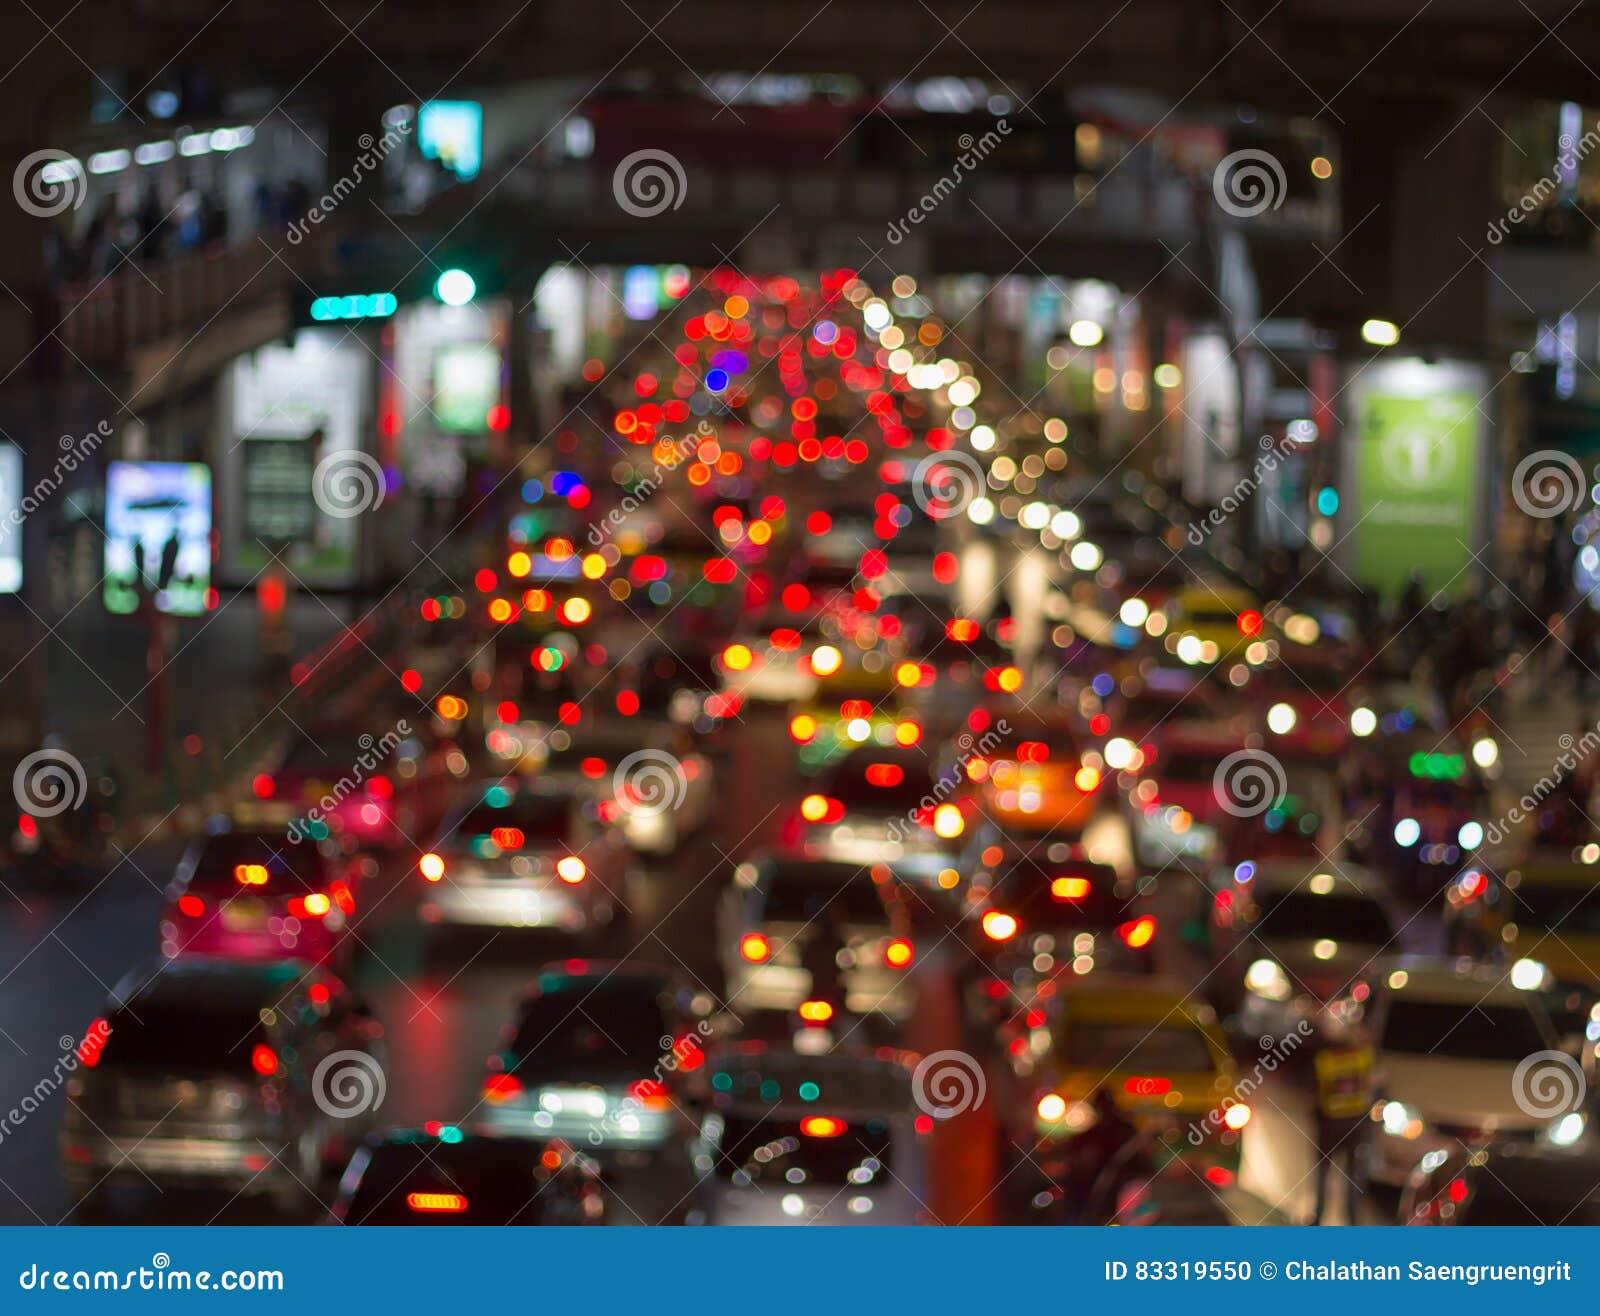 Φωτεινοί κύκλοι από τους προβολείς αυτοκινήτων ` s στο defocuse